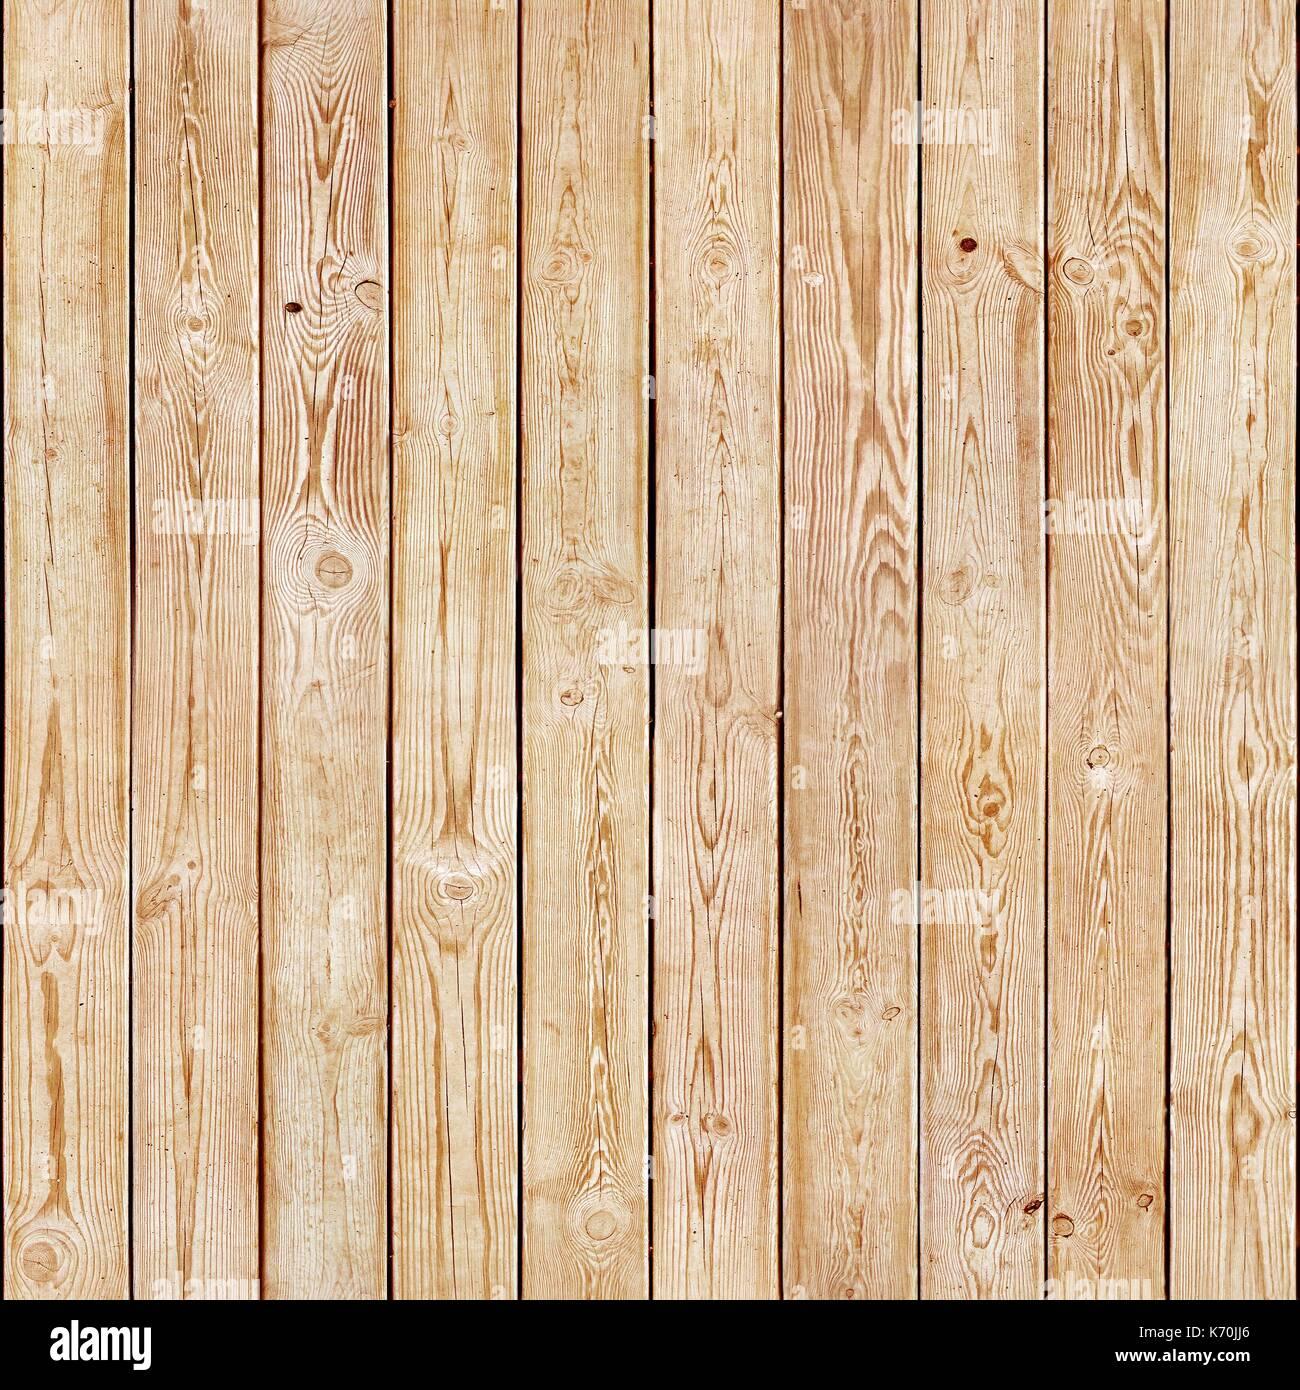 Seamless wood texture stock photos seamless wood texture for Legno chiaro texture